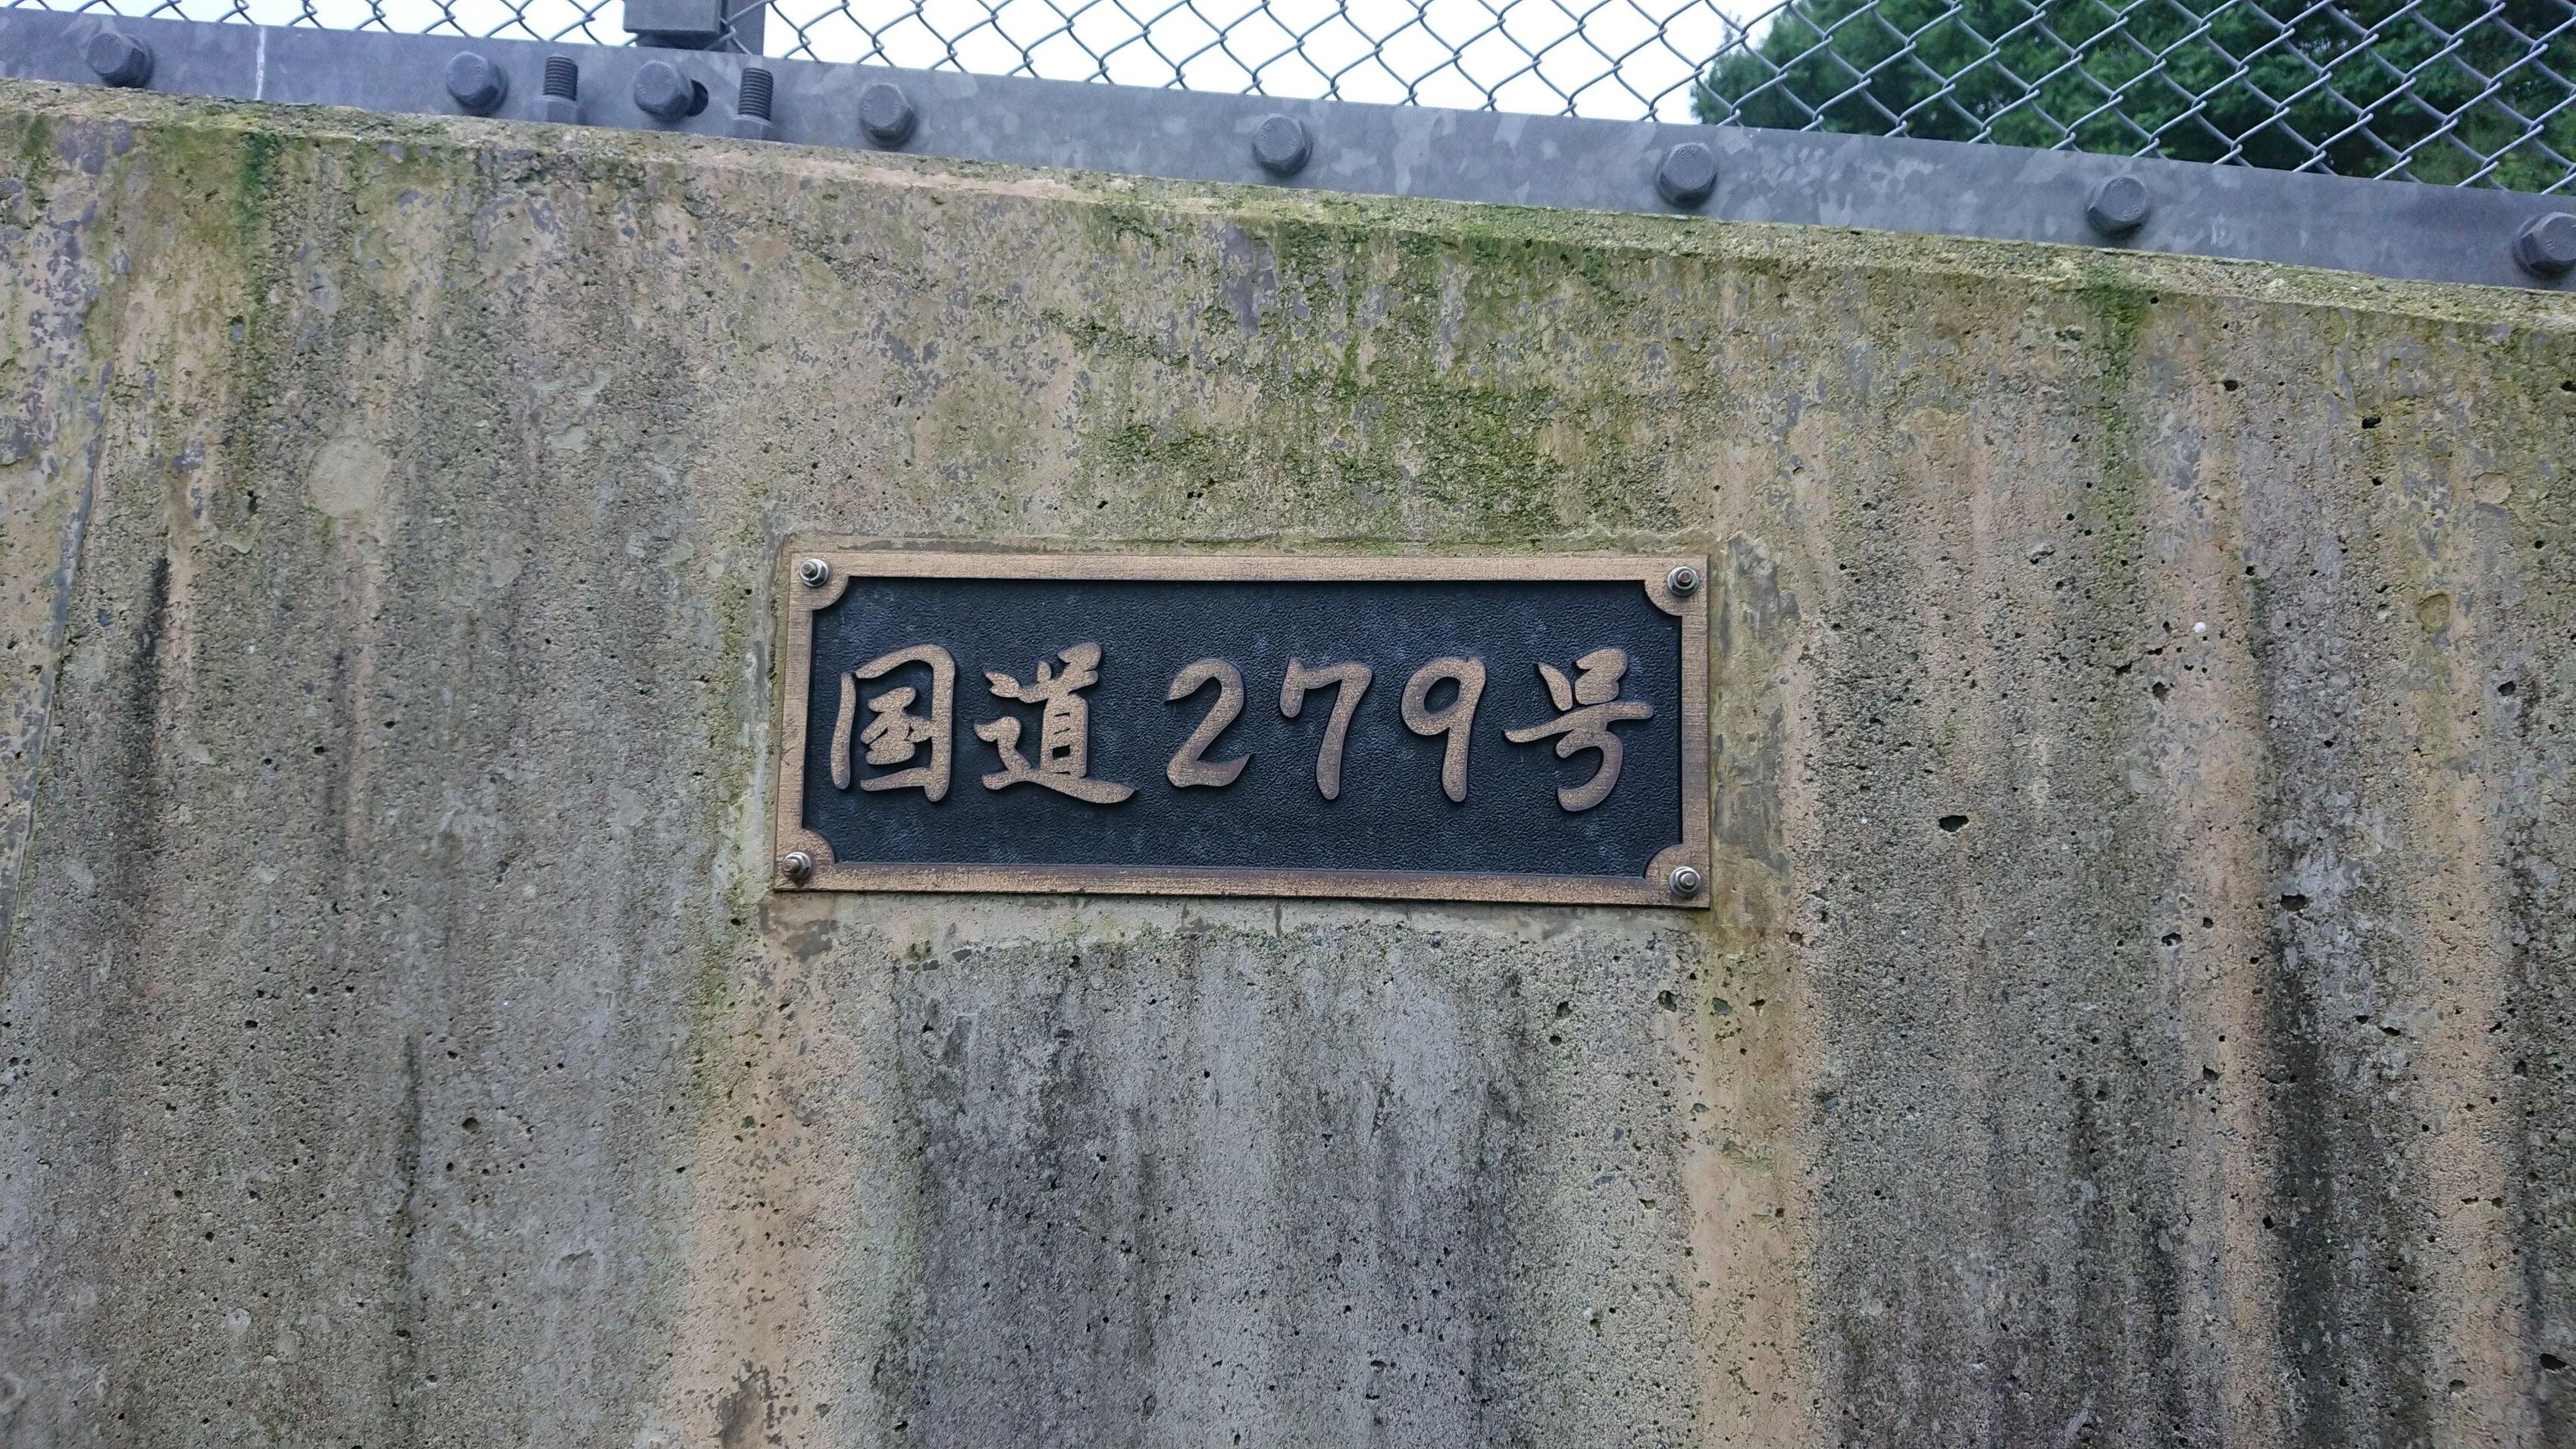 DSC_7937